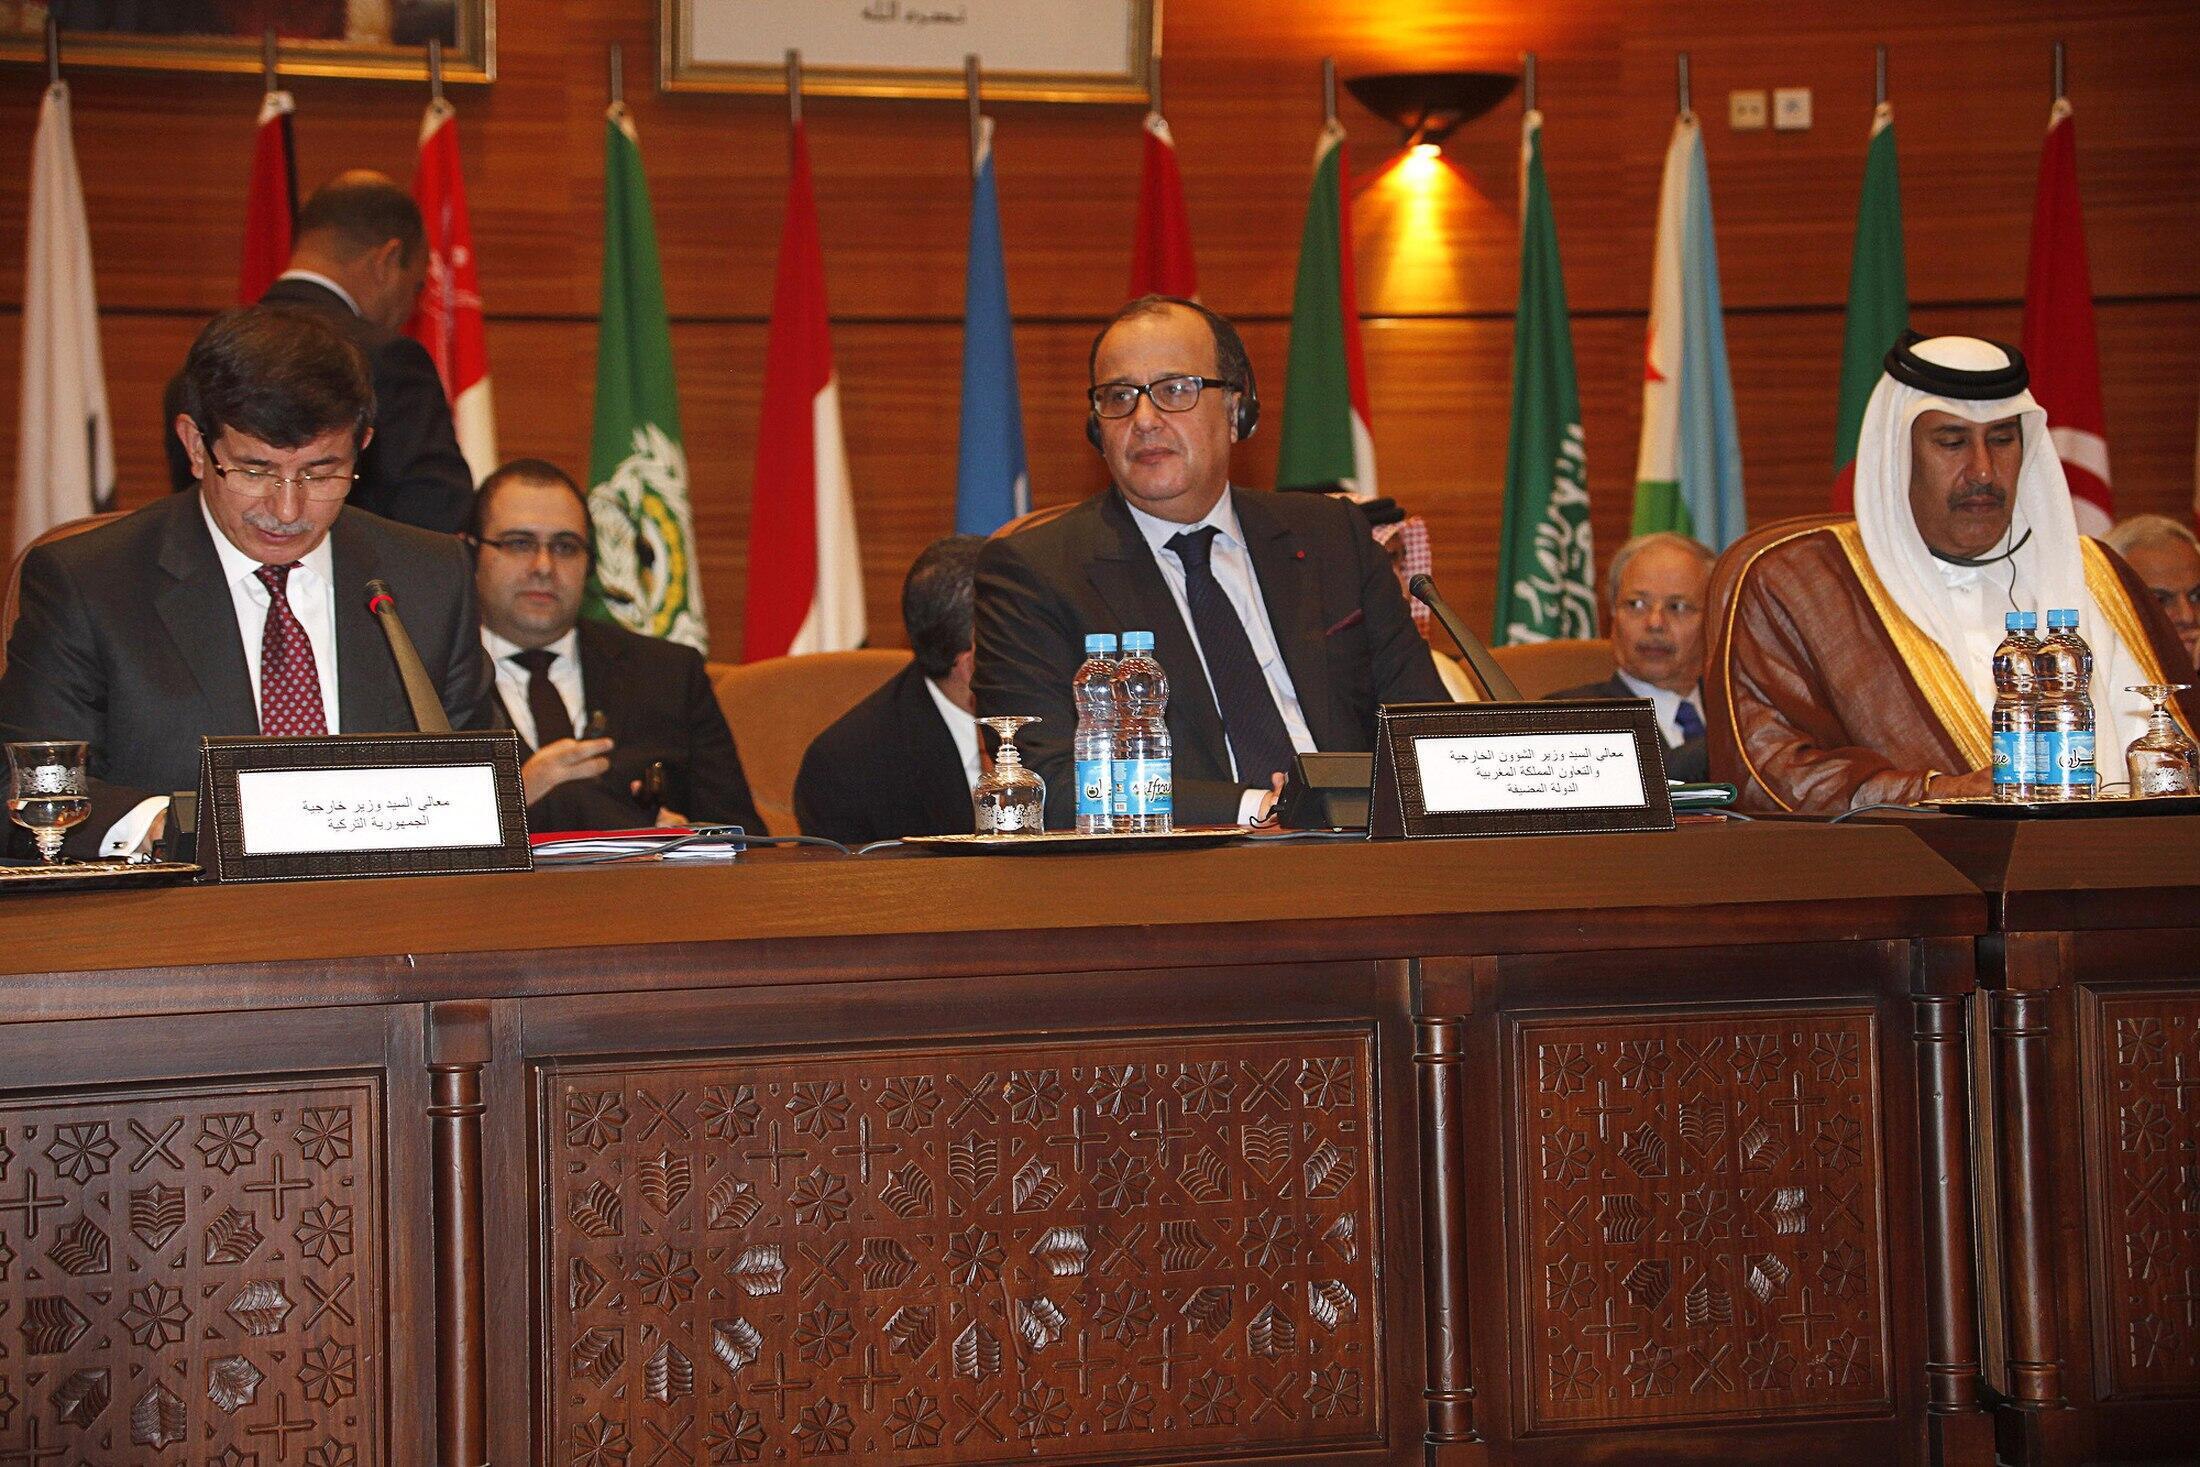 L to R: Turkey's Foreign Minister Ahmet Davutoglu, Moroccao's Taib Fassi Fihri and Qatar's FM Sheikh Hamad bin Jassim al-Thani i